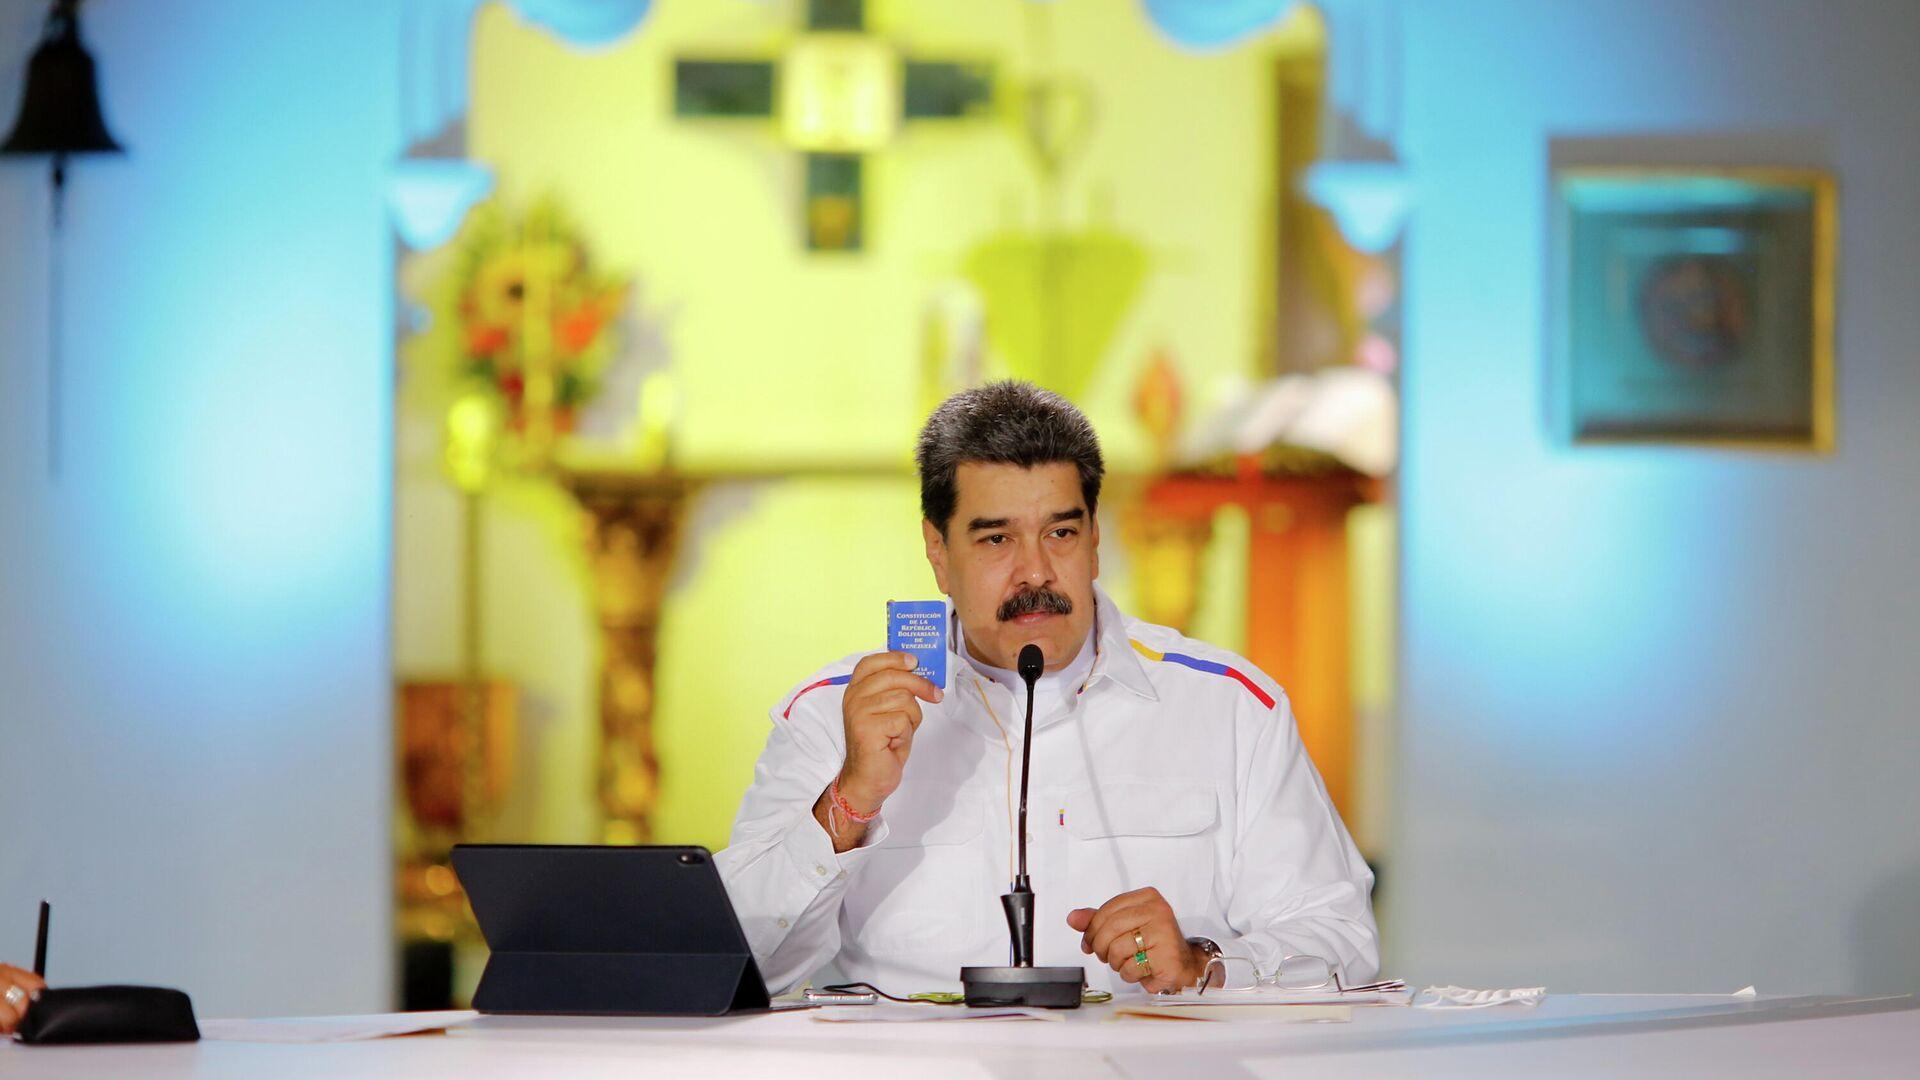 El presidente de Venezuela, Nicolás Maduro, sostiene un ejemplar de la Constitución venezolana durante un discurso en la televisión estatal - Sputnik Mundo, 1920, 29.03.2021